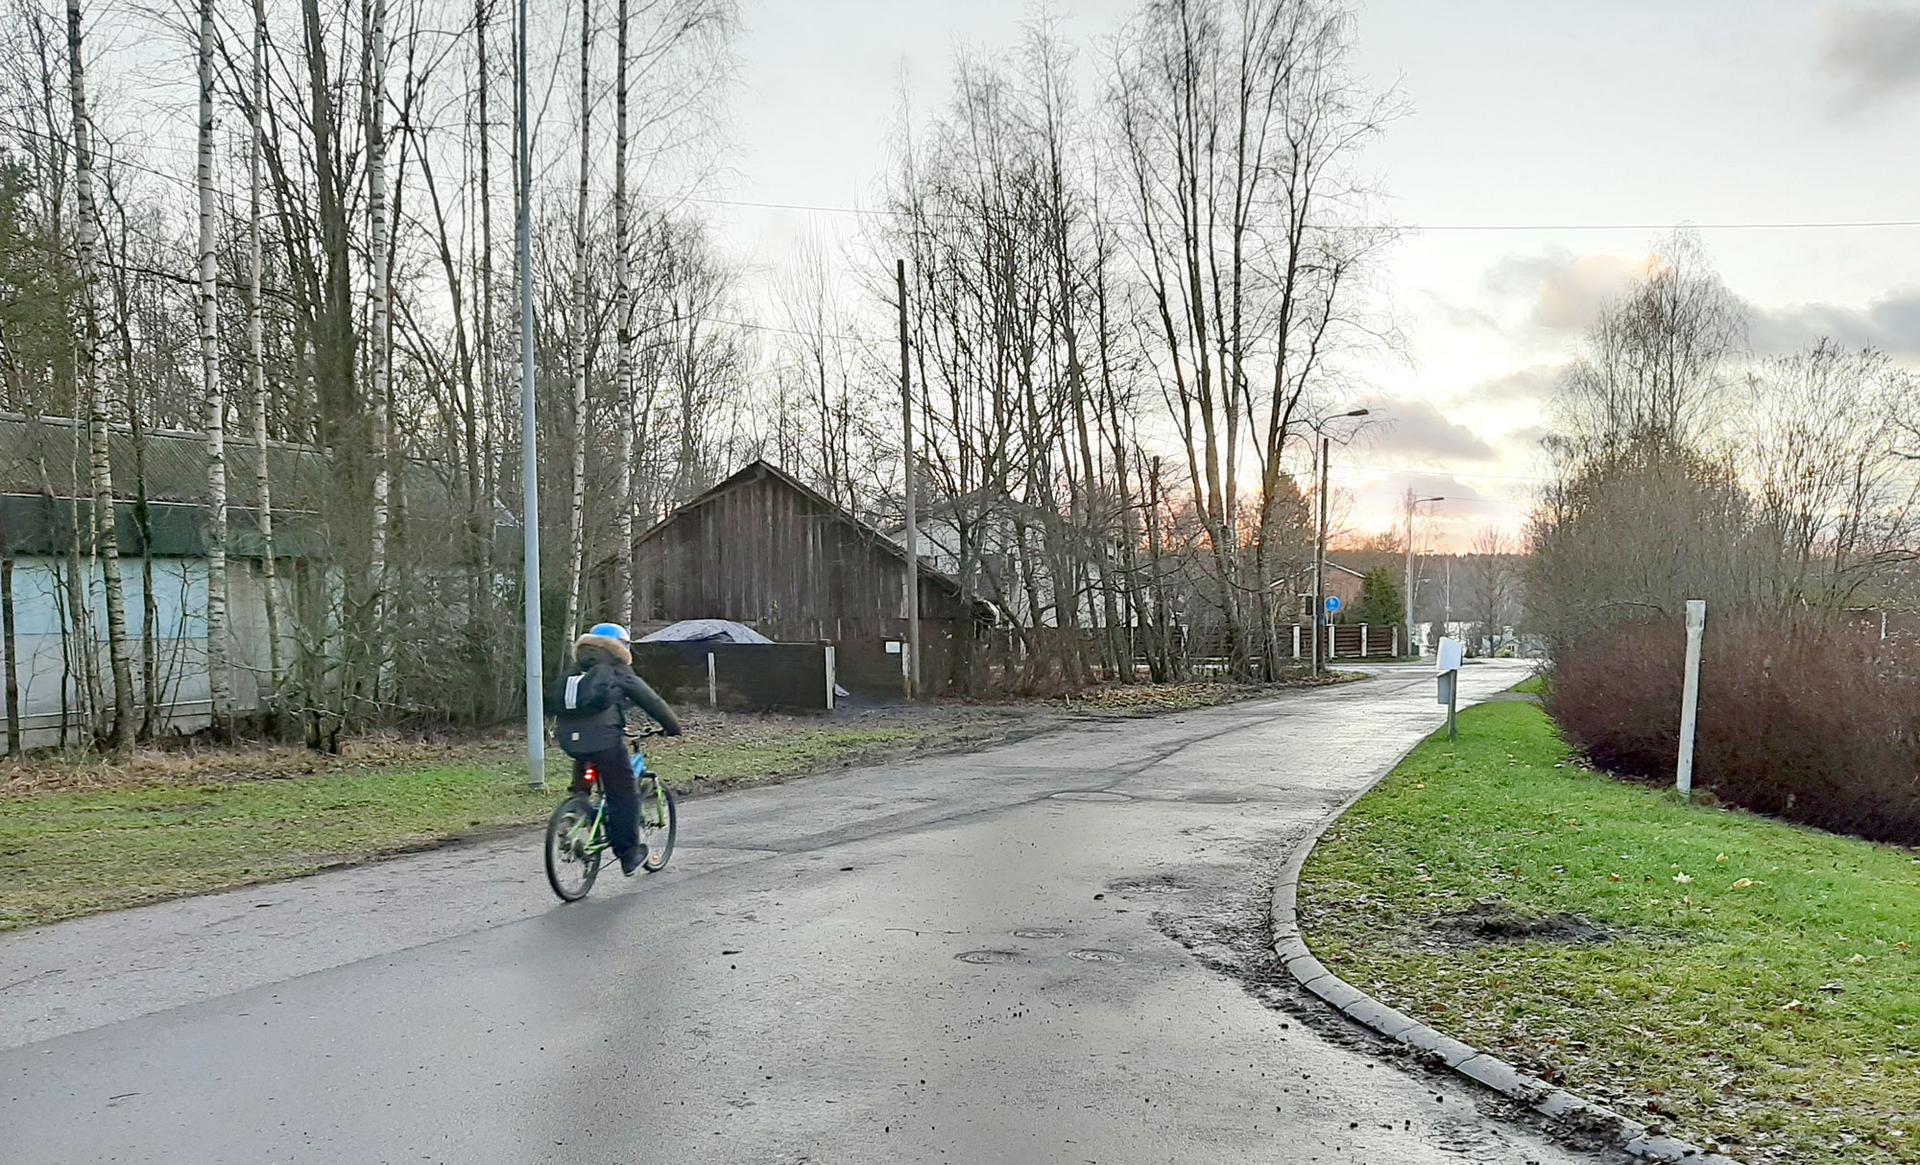 Heikkiläntielle on tulossa pysäköintirajoituksia, jotka helpottavat tieosuuden kunnossapitoa talvikaudella.